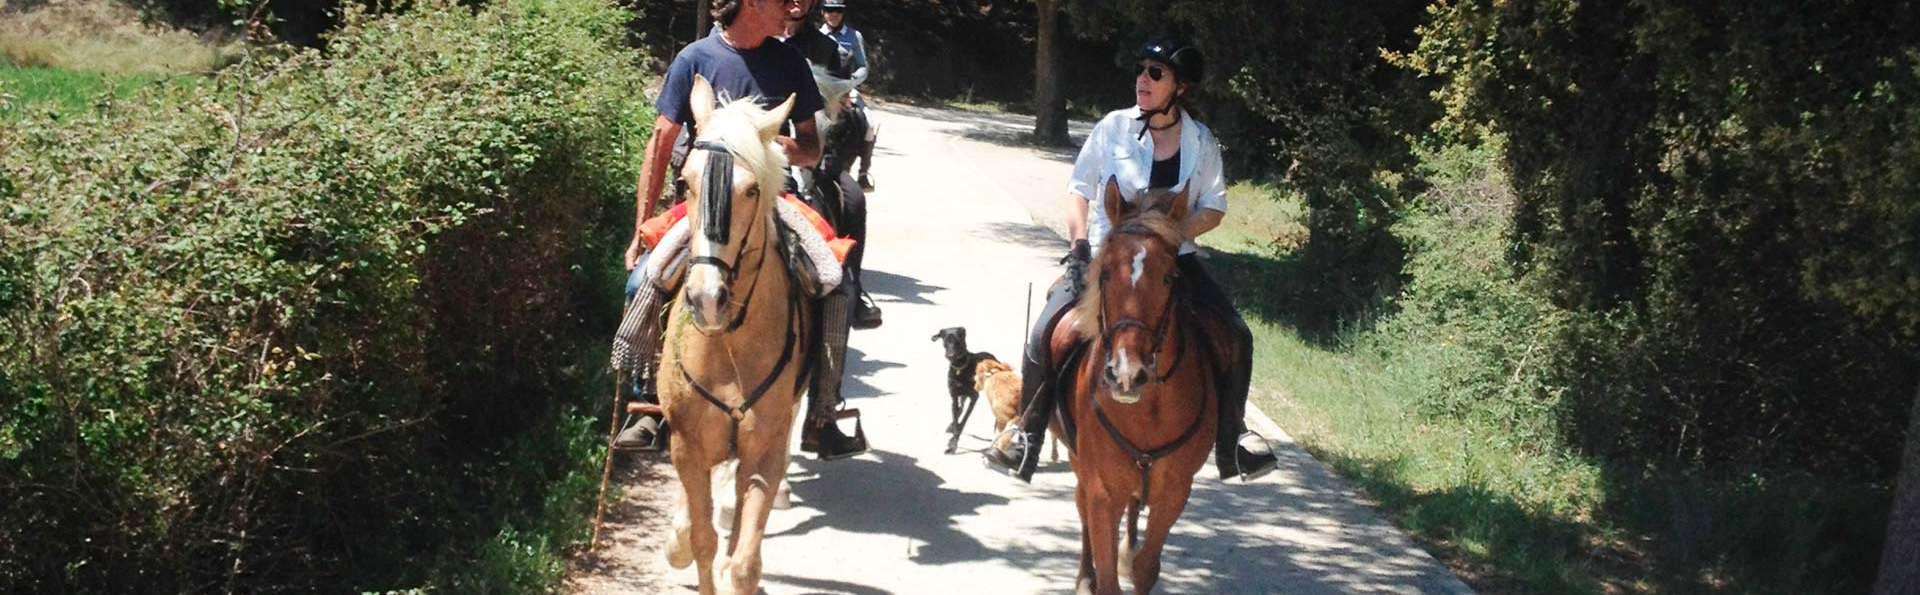 Escapada con acceso diario a Spa y paseo a caballo por el Valle del Ambroz